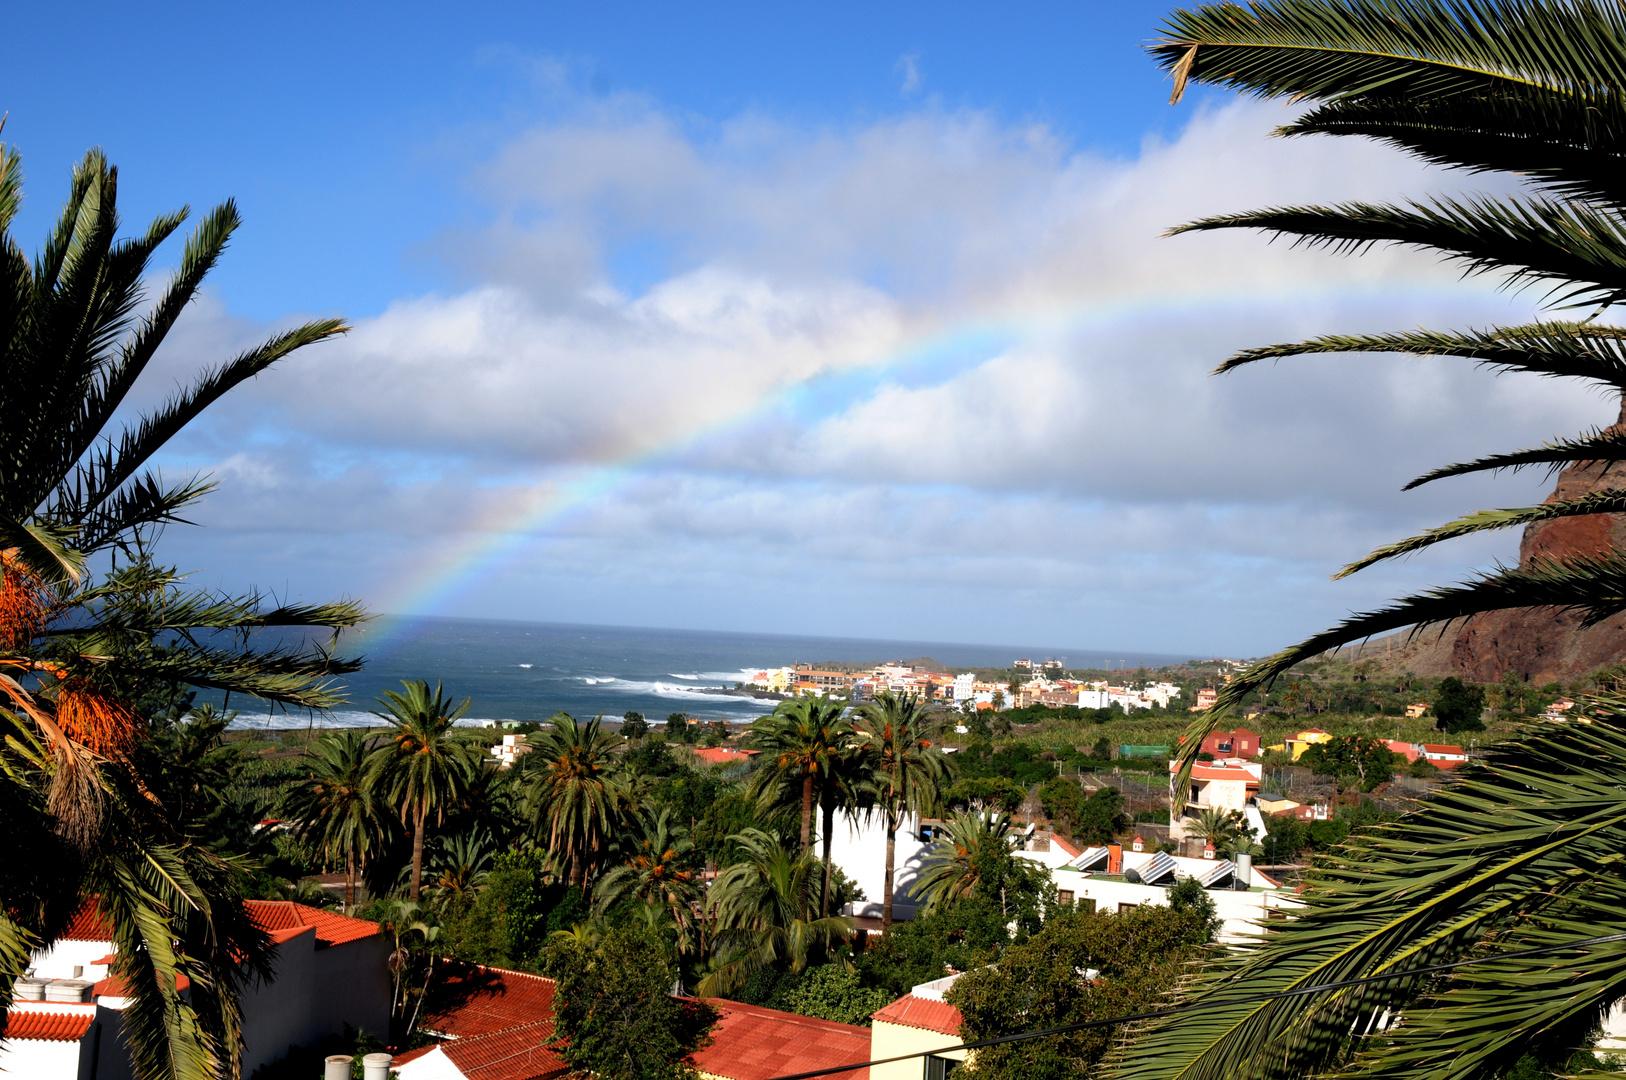 Arco Iris - heute morgen wurde ich von einem Regenbogen geweckt